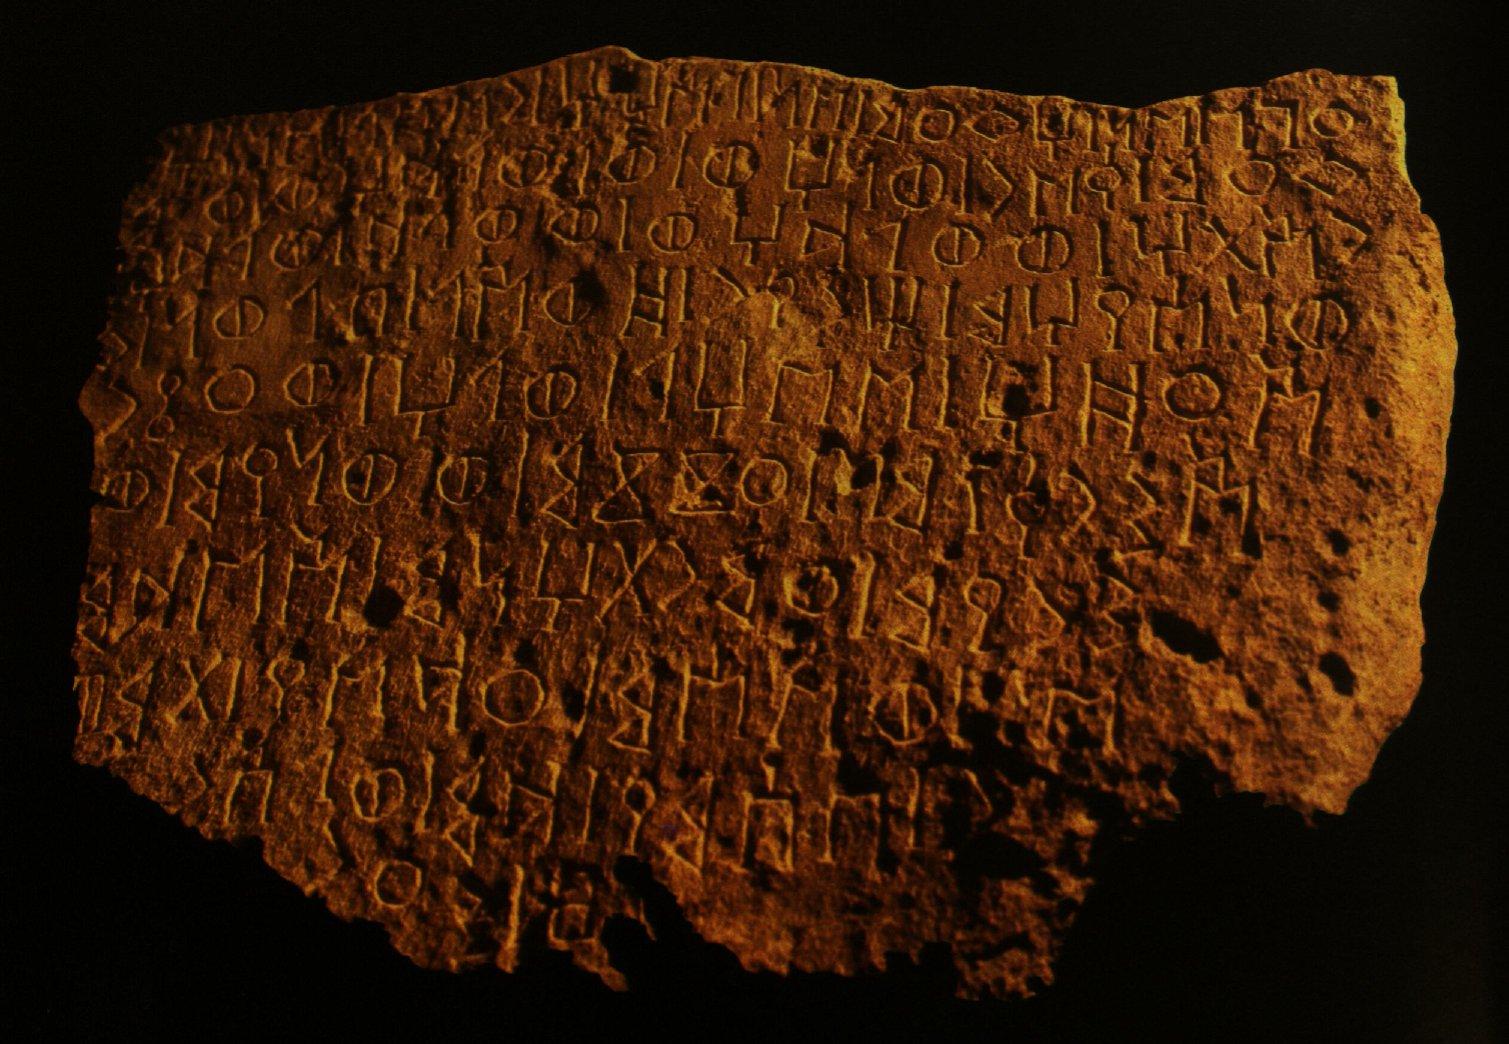 """Inscription arabe en écriture sabéenne, trouvée à Qaryat al-Faw au sud de  l'Arabie Saoudite actuelle, sur pierre tombale en calcaire par un certain Igl fils  de Haf'am qui fait des invocations à trois dieux dont le dieu """"Lah"""", (1er siècle av. J.-C) : """"Igl fils de Haf'am a construit pour son frère Rabibil fils de Haf'am le tombeau : pour lui et pour son enfant et sa femme, et ses enfants et les enfants de leurs enfants et les femmes du folk Ghalwan. Et il l'a placé sous la protection de [les dieux]    Kahl, Lah et Athtar al-Shariq    contre quiconque, fort ou faible, et contre quiconque tenterait de le vendre ou de le promettre, pour toujours, sans aucune dérogation, tant que le ciel produira de la pluie ou de l'herbe terrestre"""""""